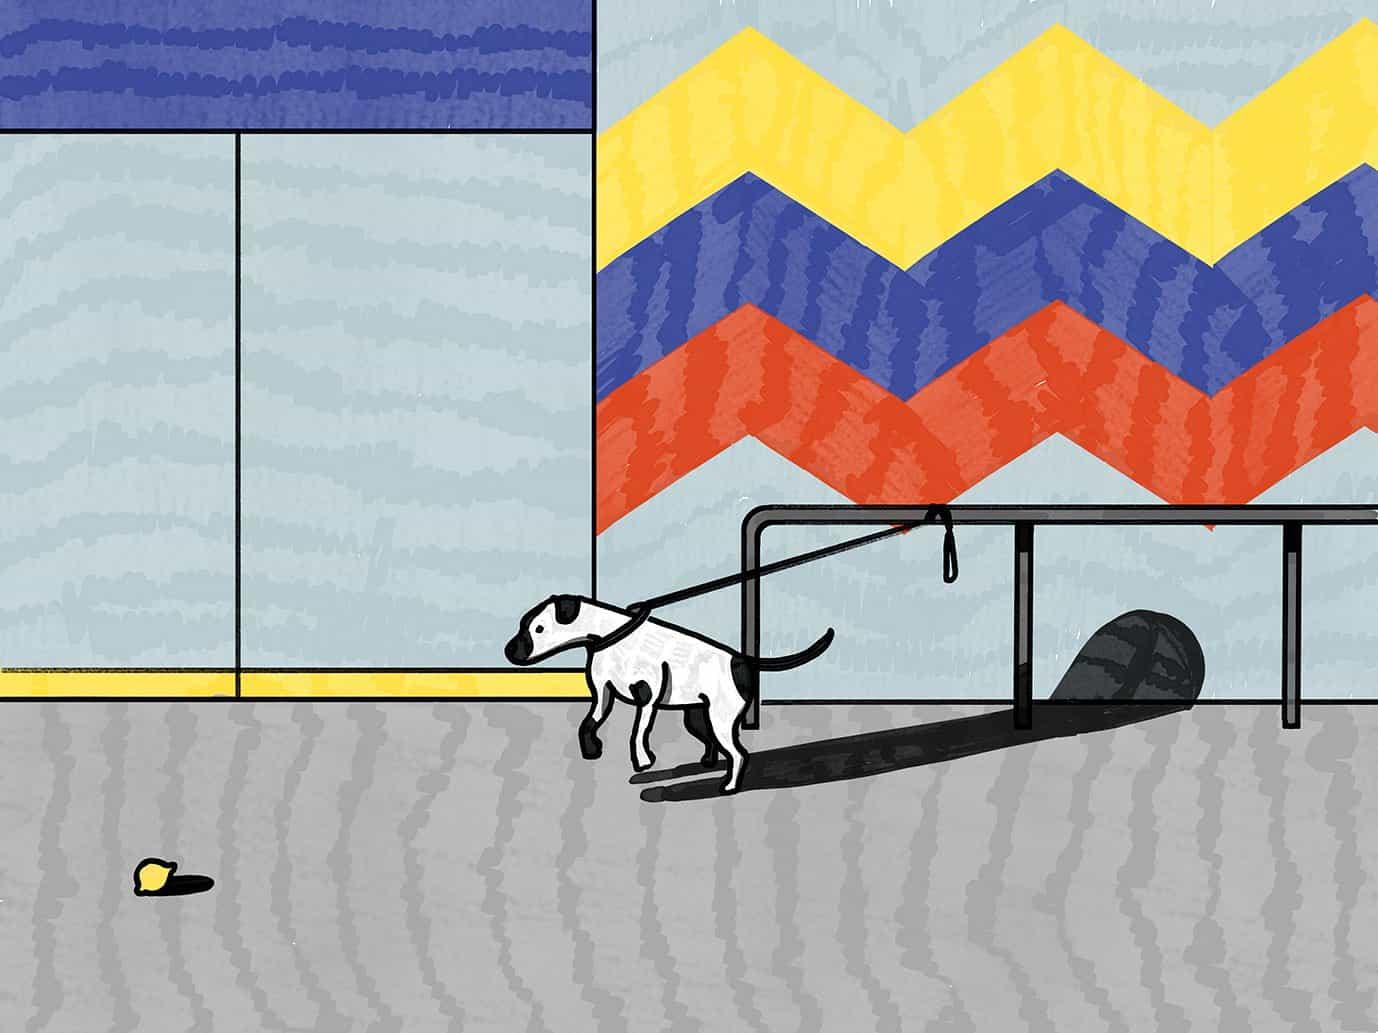 Klaus Kremmerz sobre cómo encuentra su firma lenguaje ilustrativo